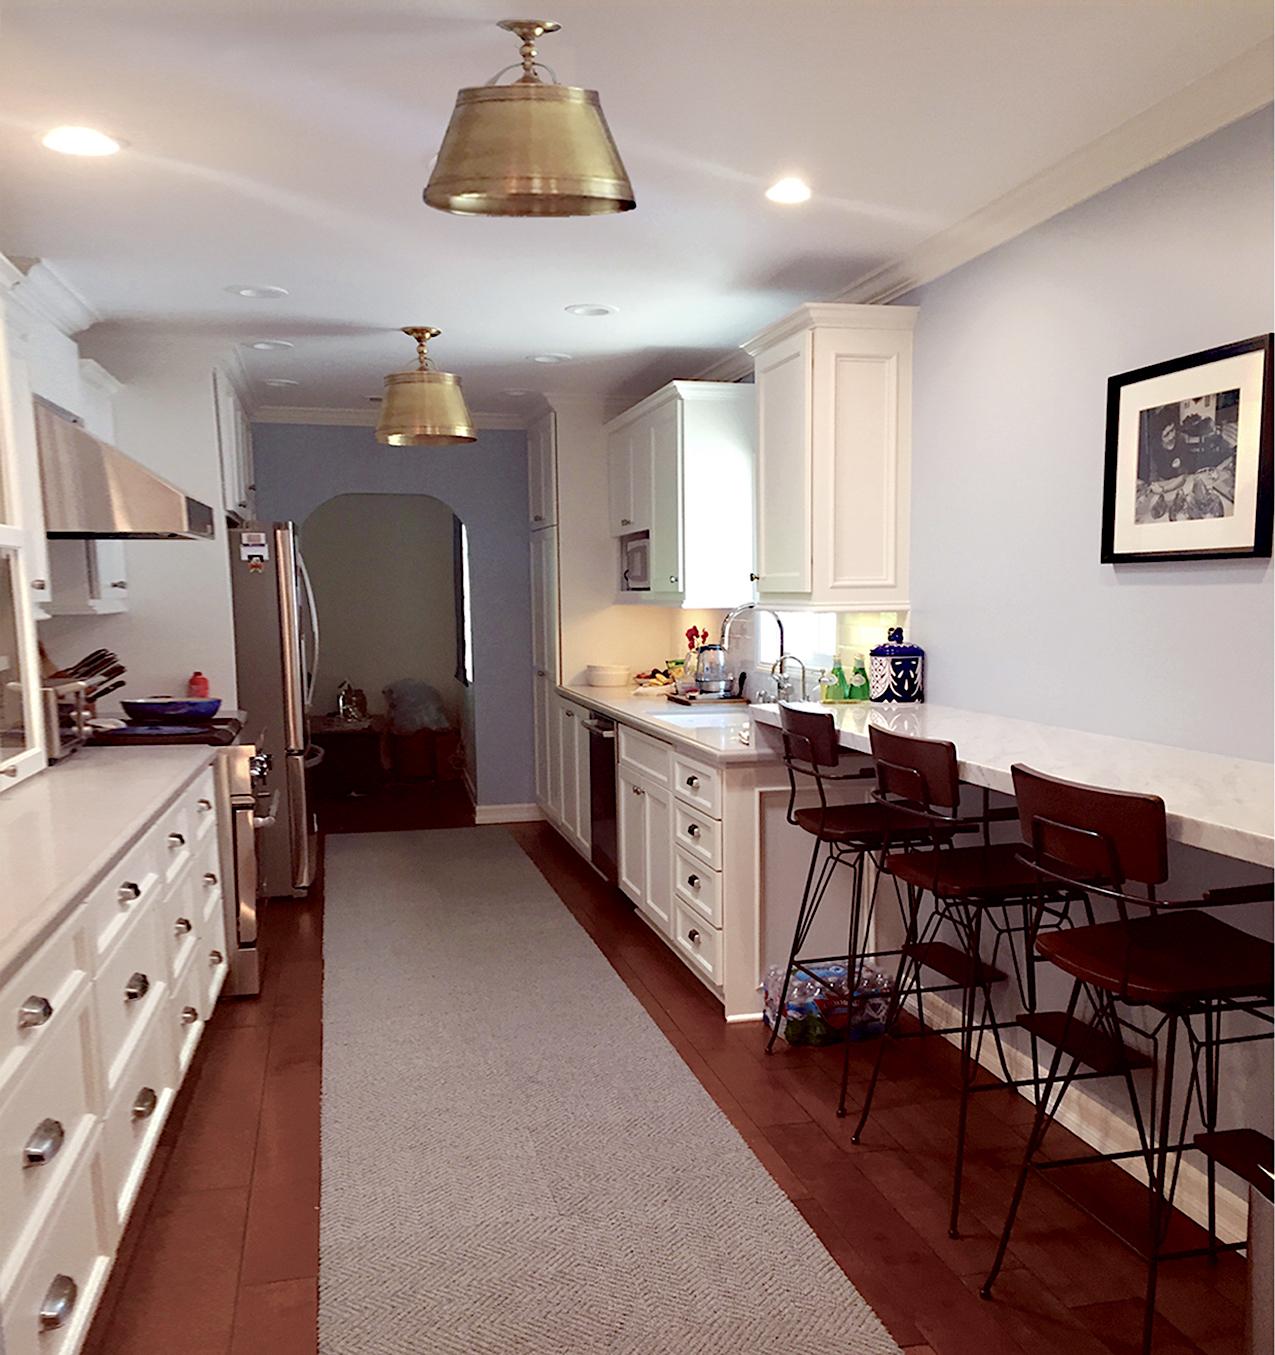 interior-galley-kitchen-main-pic.jpg